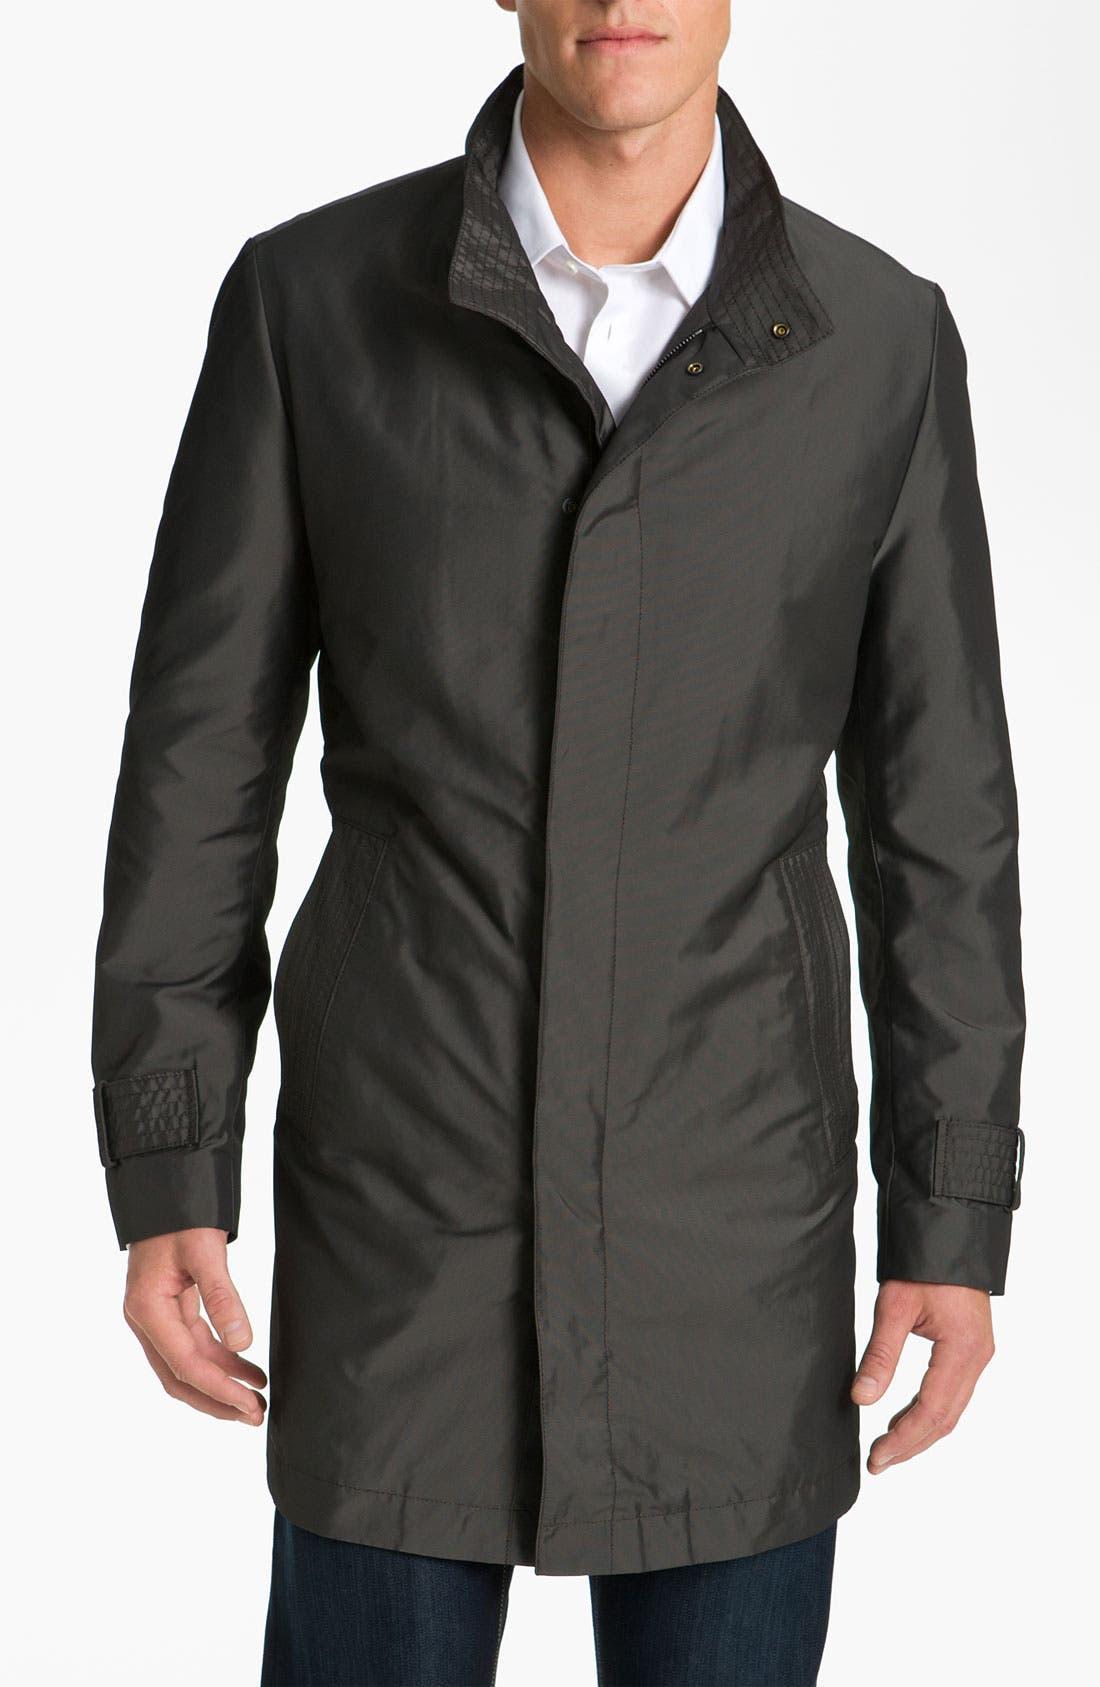 Alternate Image 1 Selected - BOSS Black 'The Pander' Trim Fit Raincoat